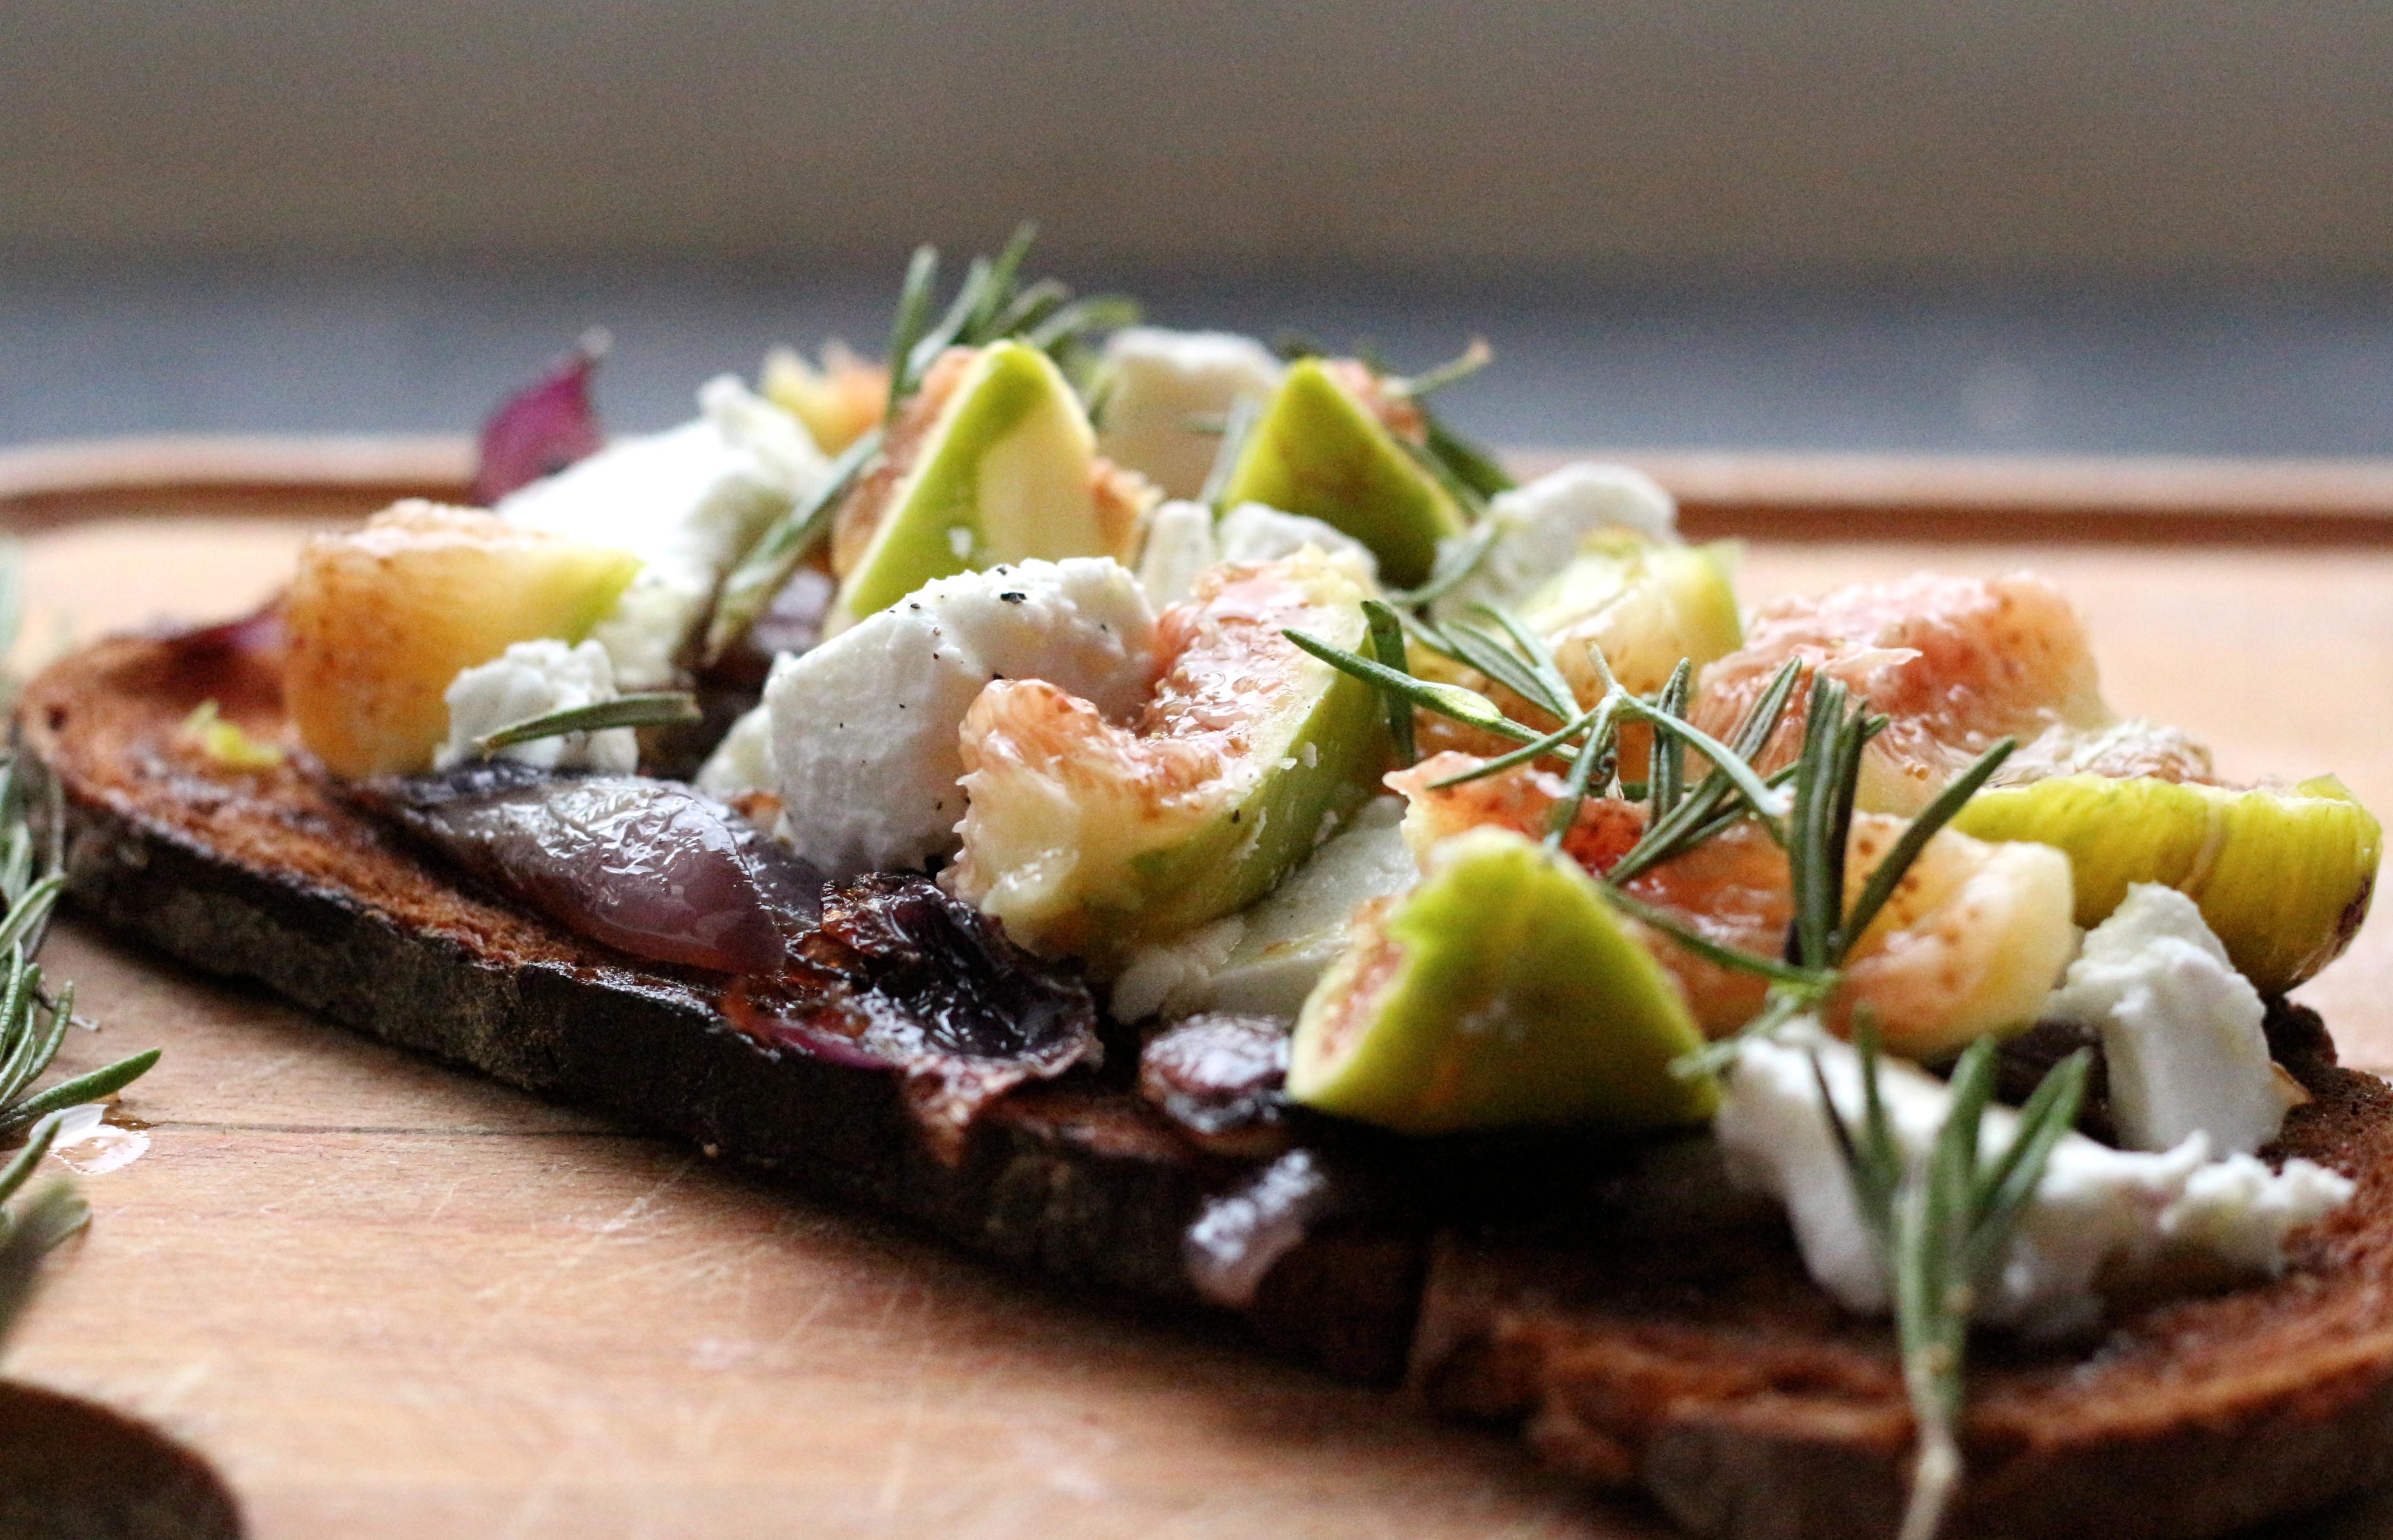 Bruschetta figue & chèvre frais - Sweet Cabane